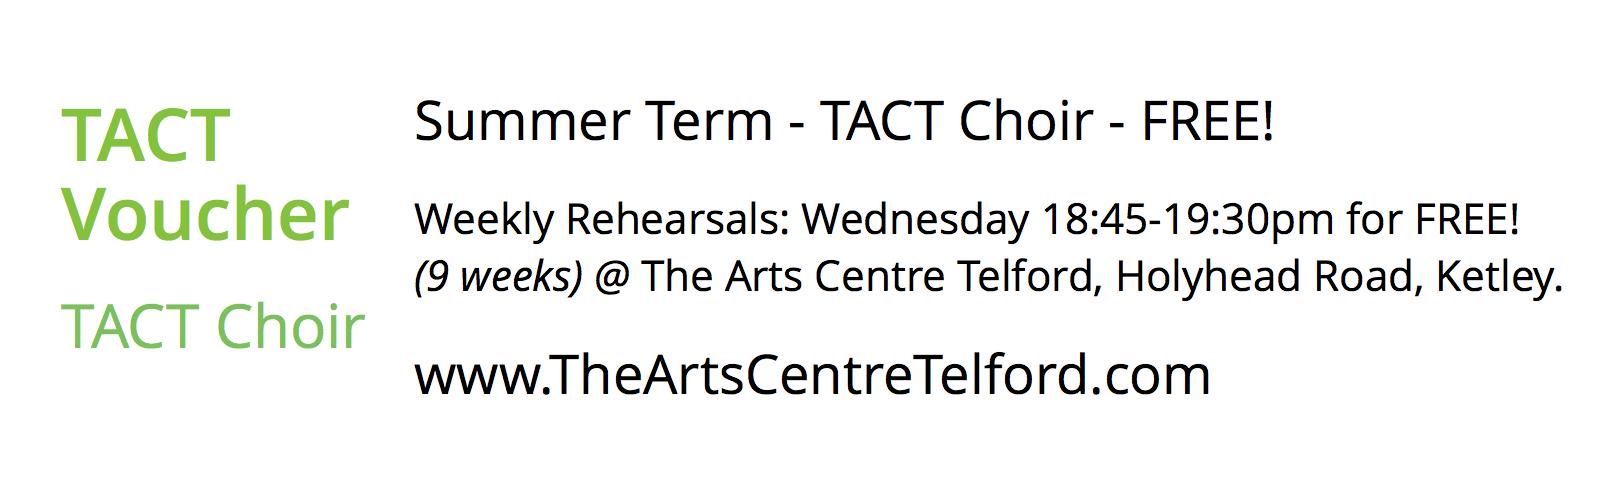 TACT Choir Summer Term